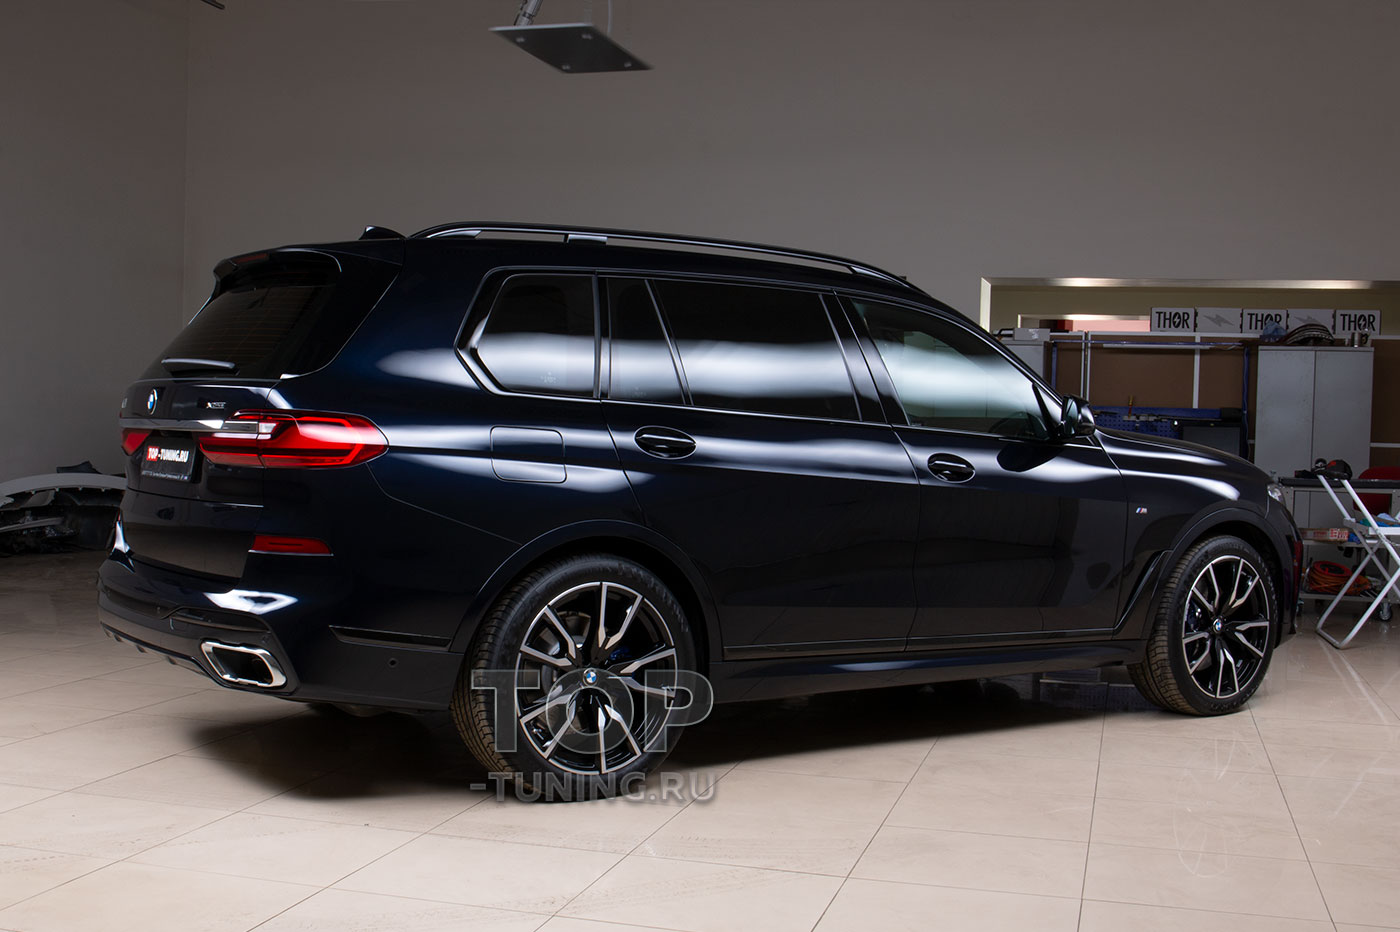 103363 Полная оклейка кузова BMW X7 (Карбон Шварц)